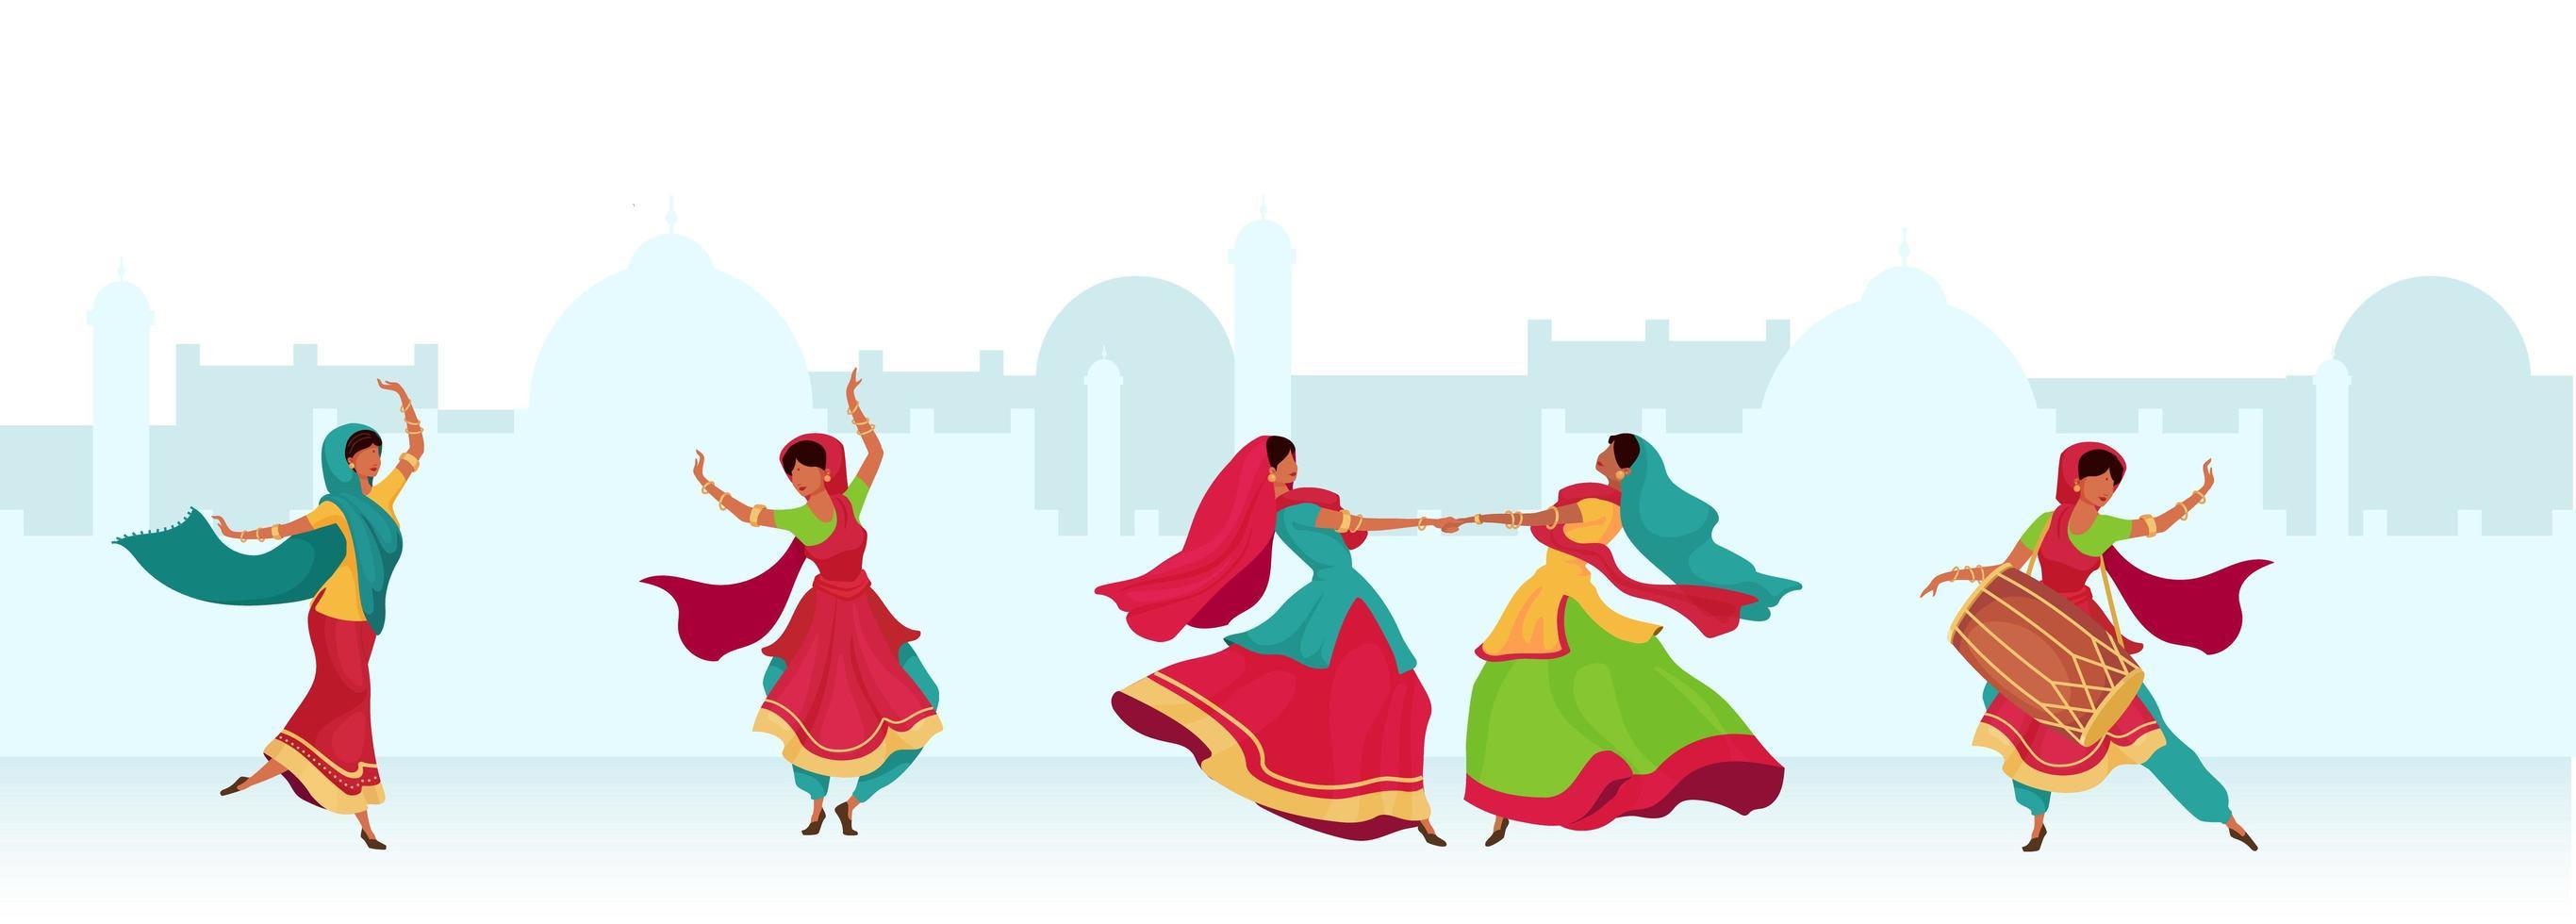 Diwali Feier Tanz vektor